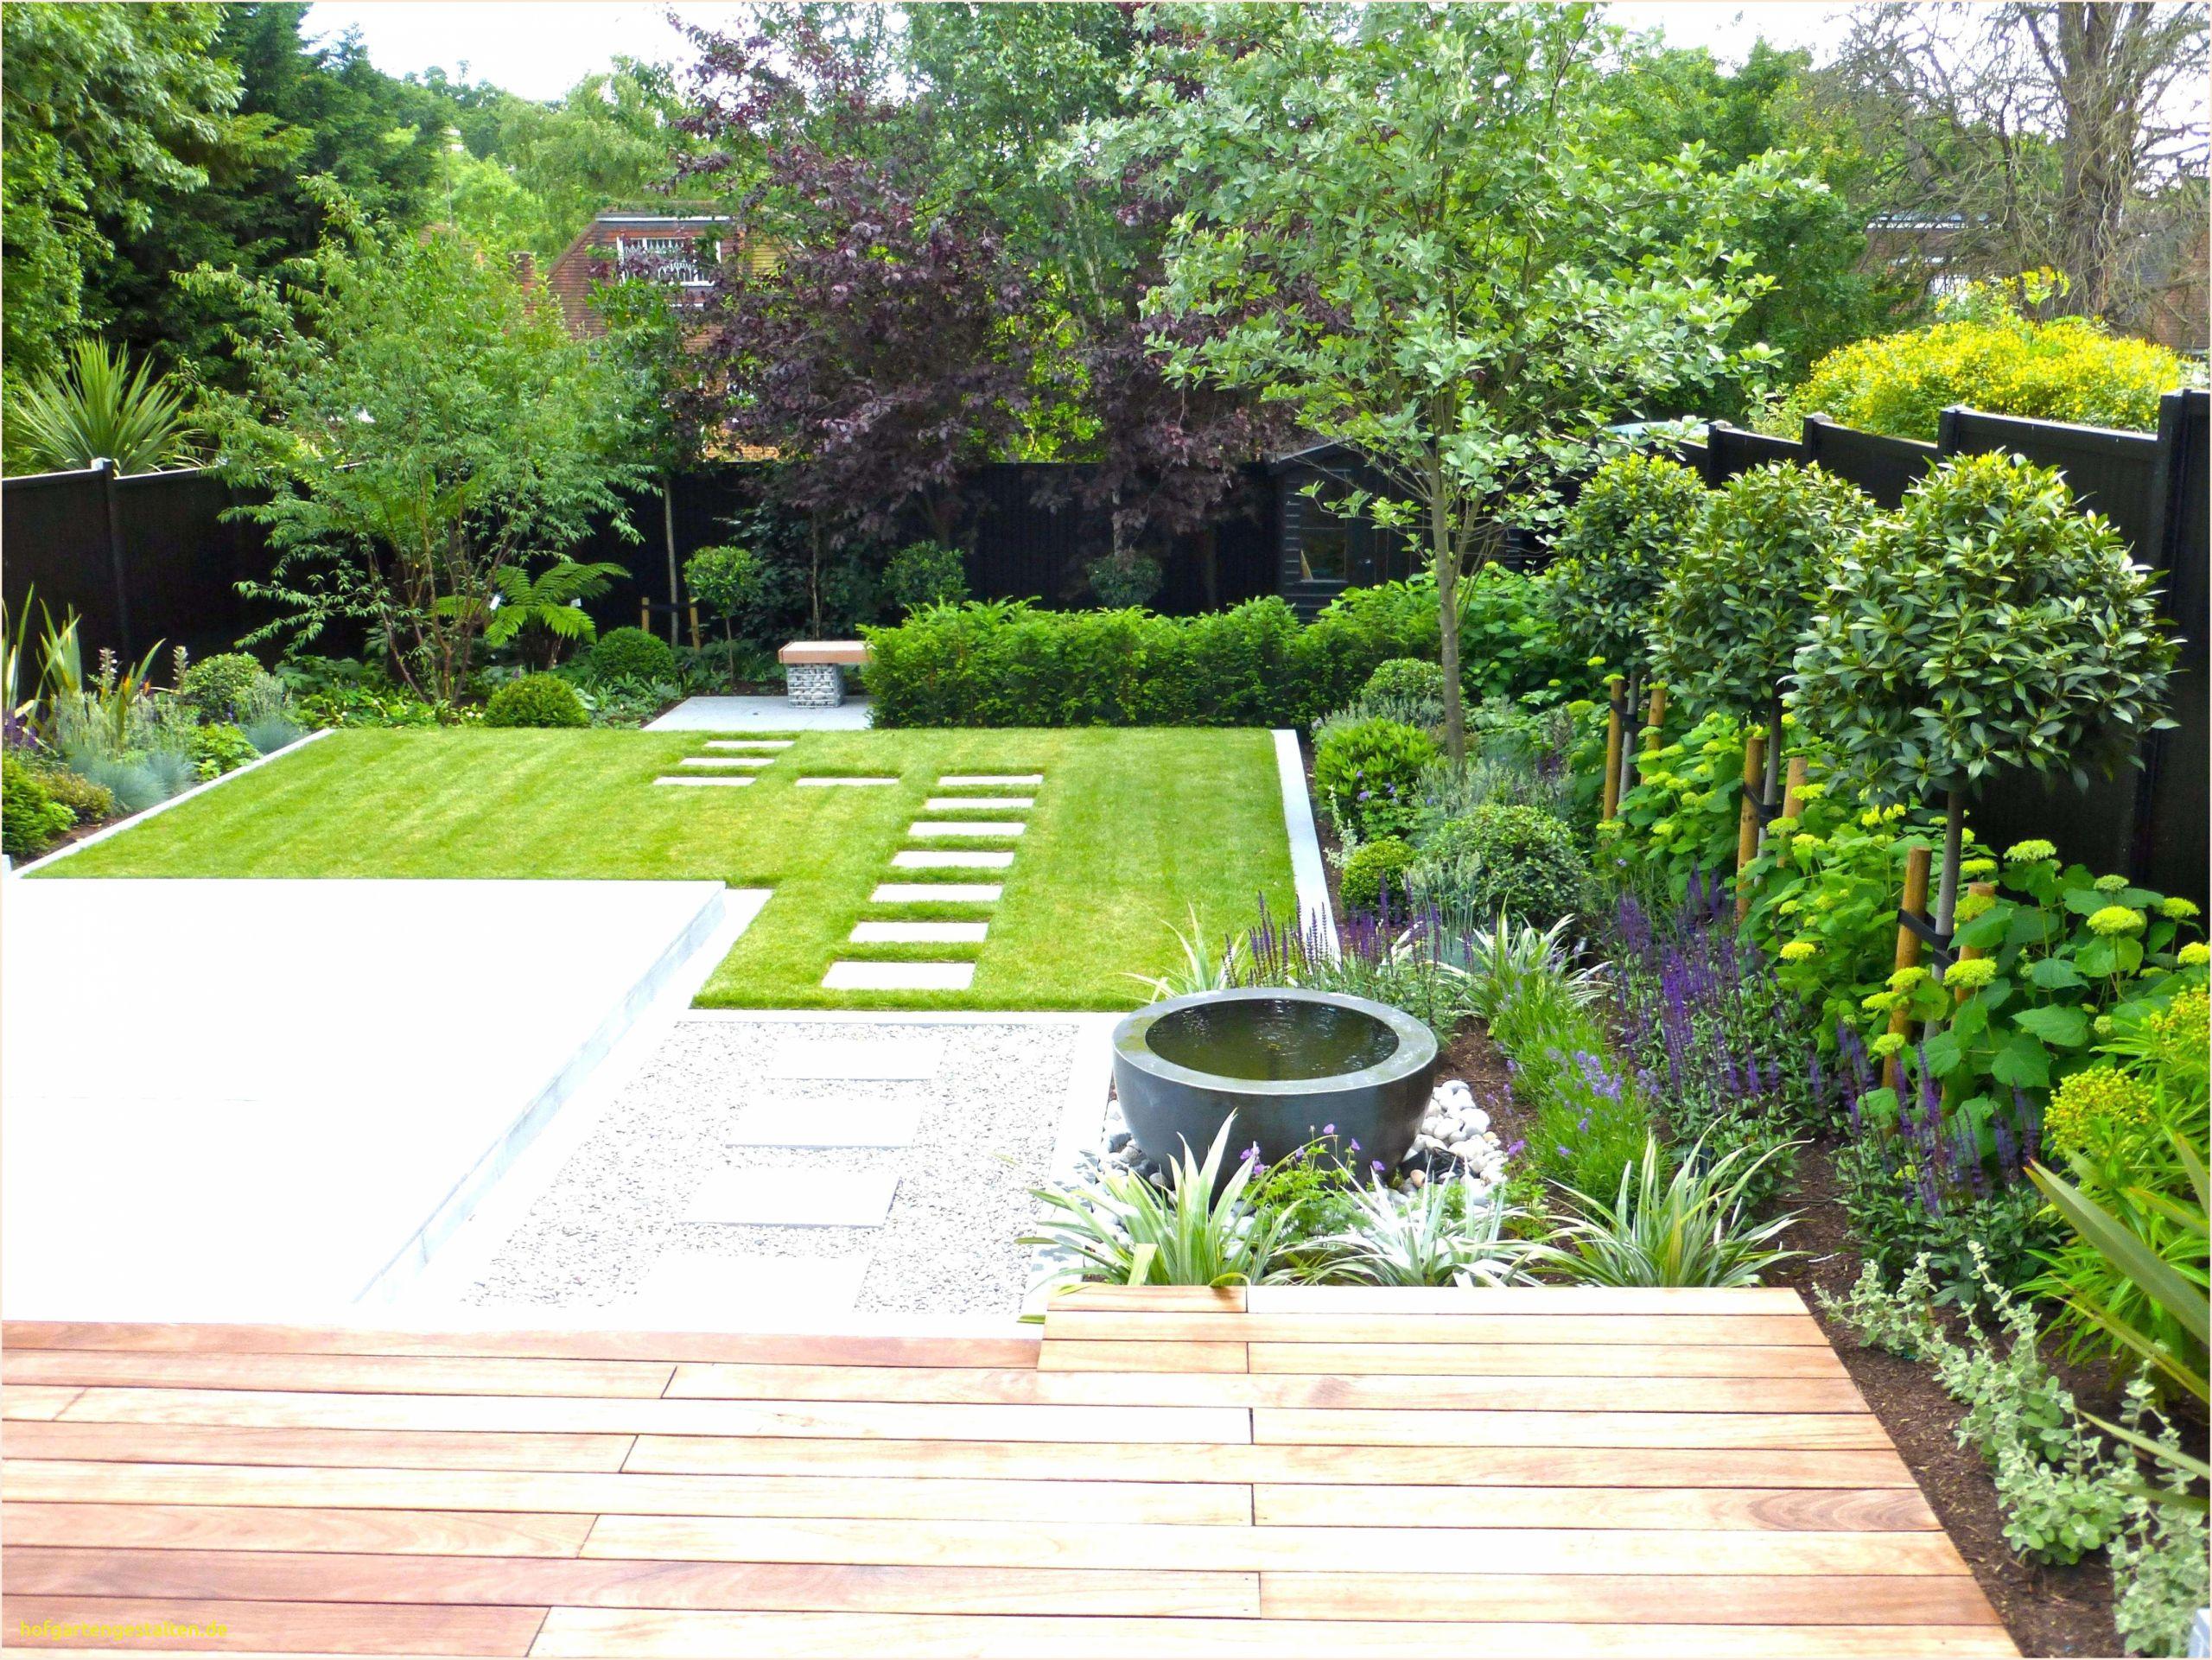 Garten Deko Metall Genial Deko Garten Selber Machen — Temobardz Home Blog